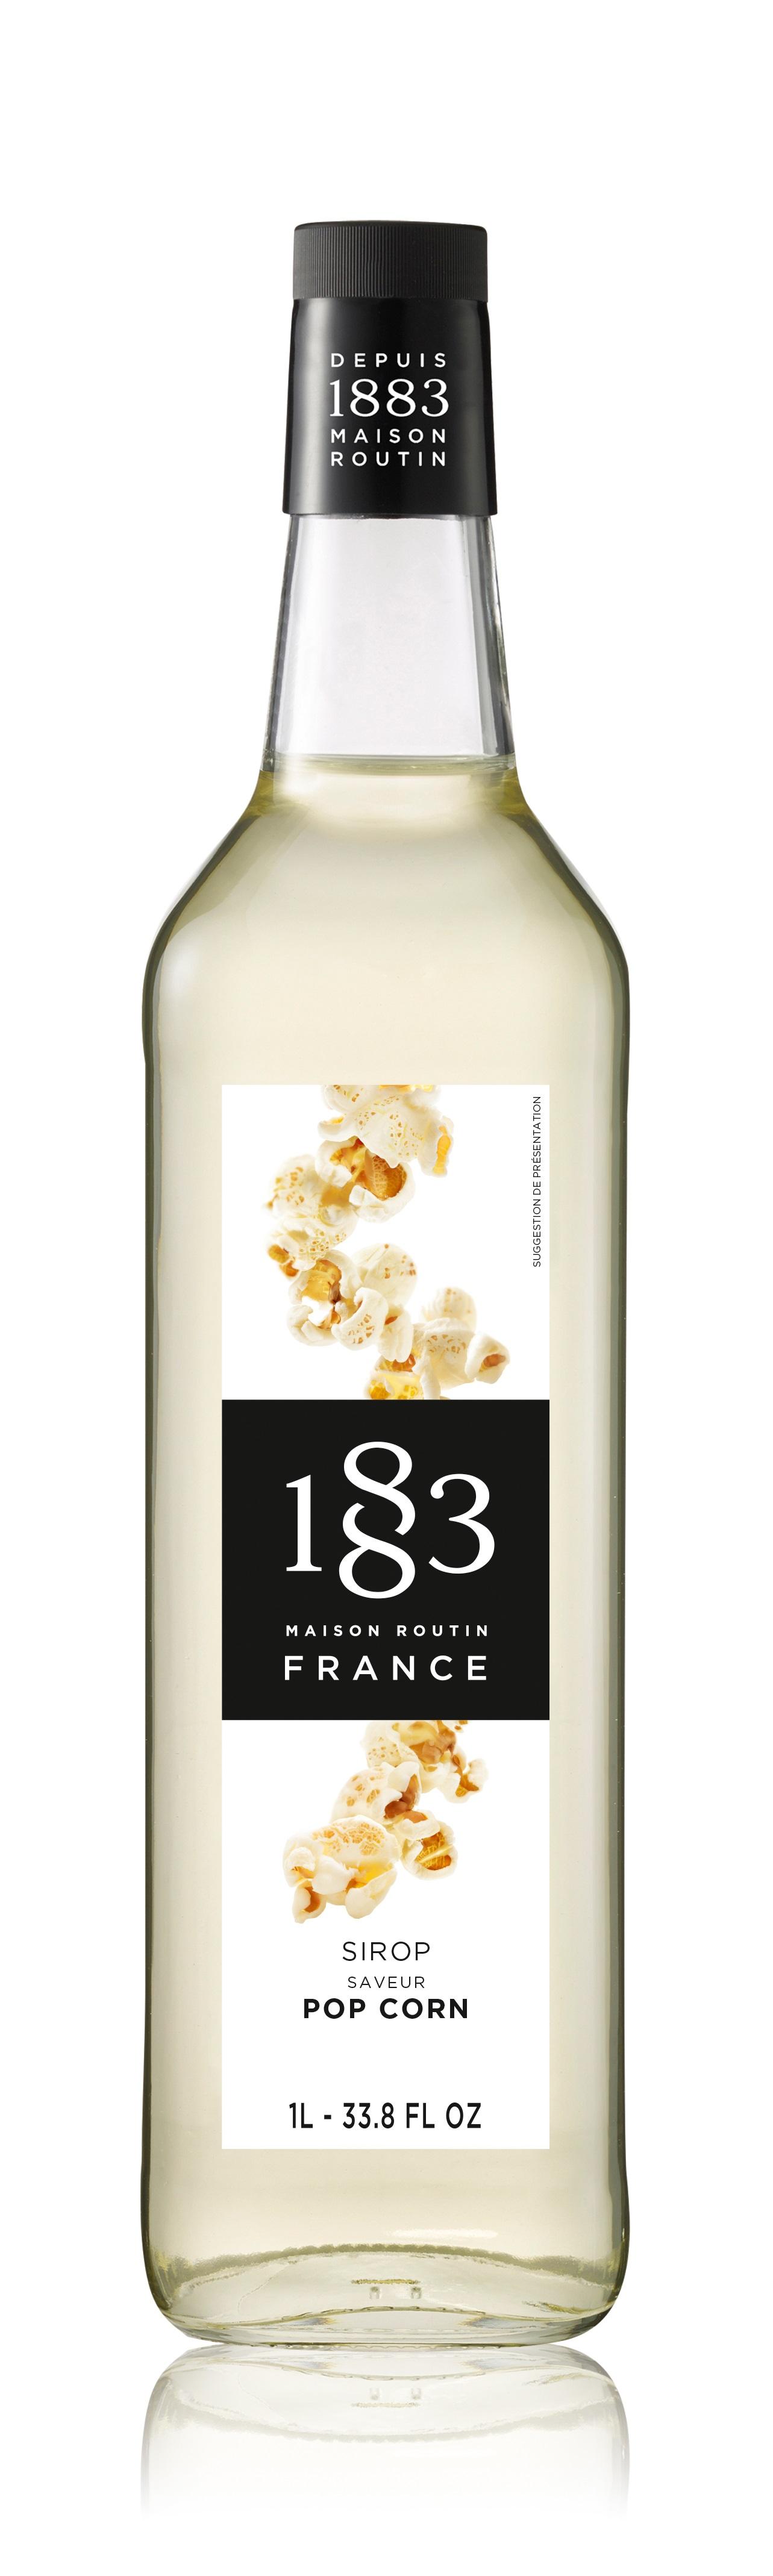 1883 Syrup Popcorn 1L Glass Bottle